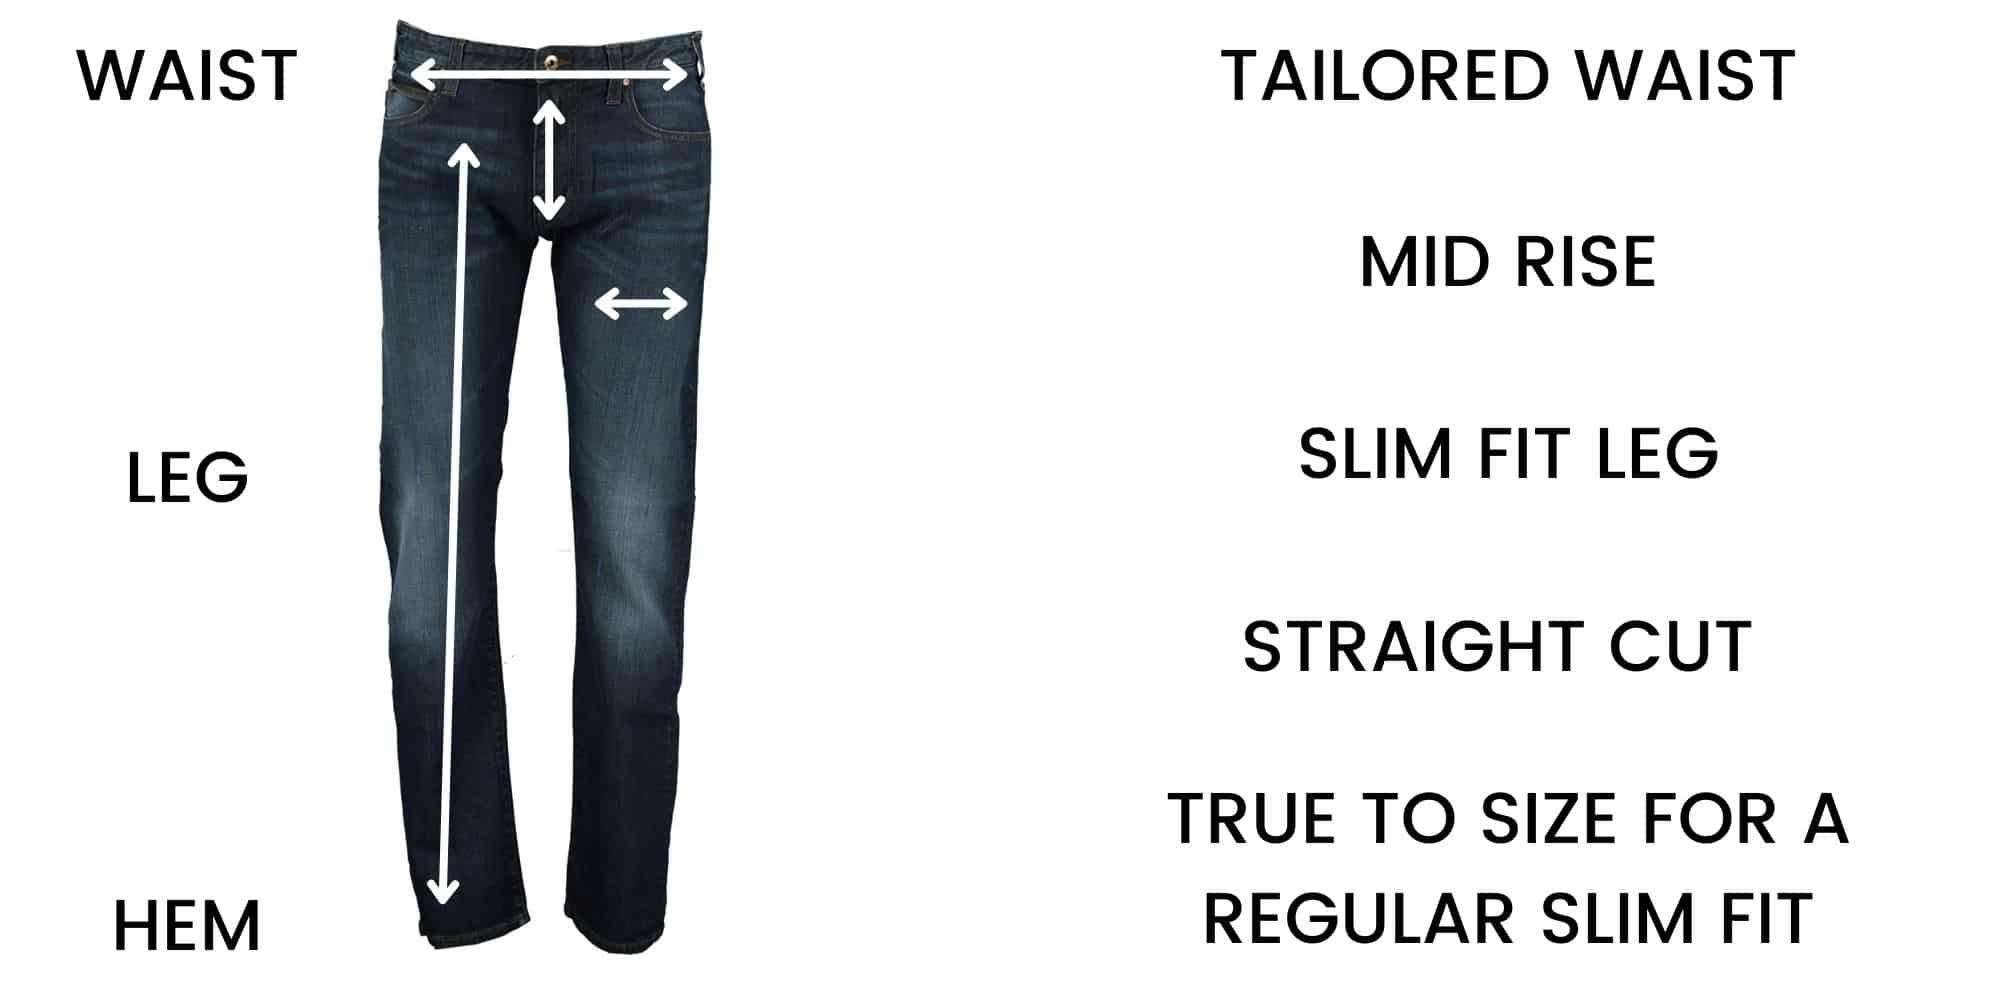 Emporio Armani Jeans J45 Slim Size Guide